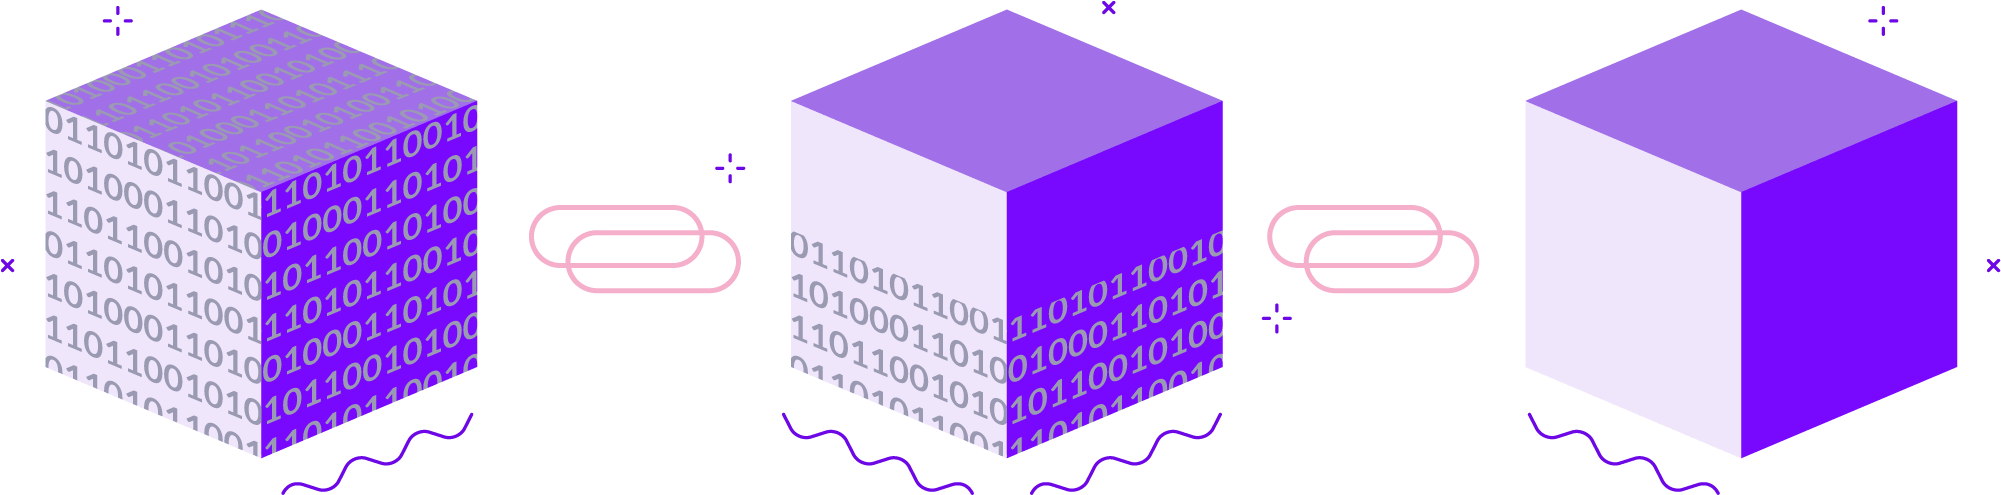 Como funciona a blockchain?